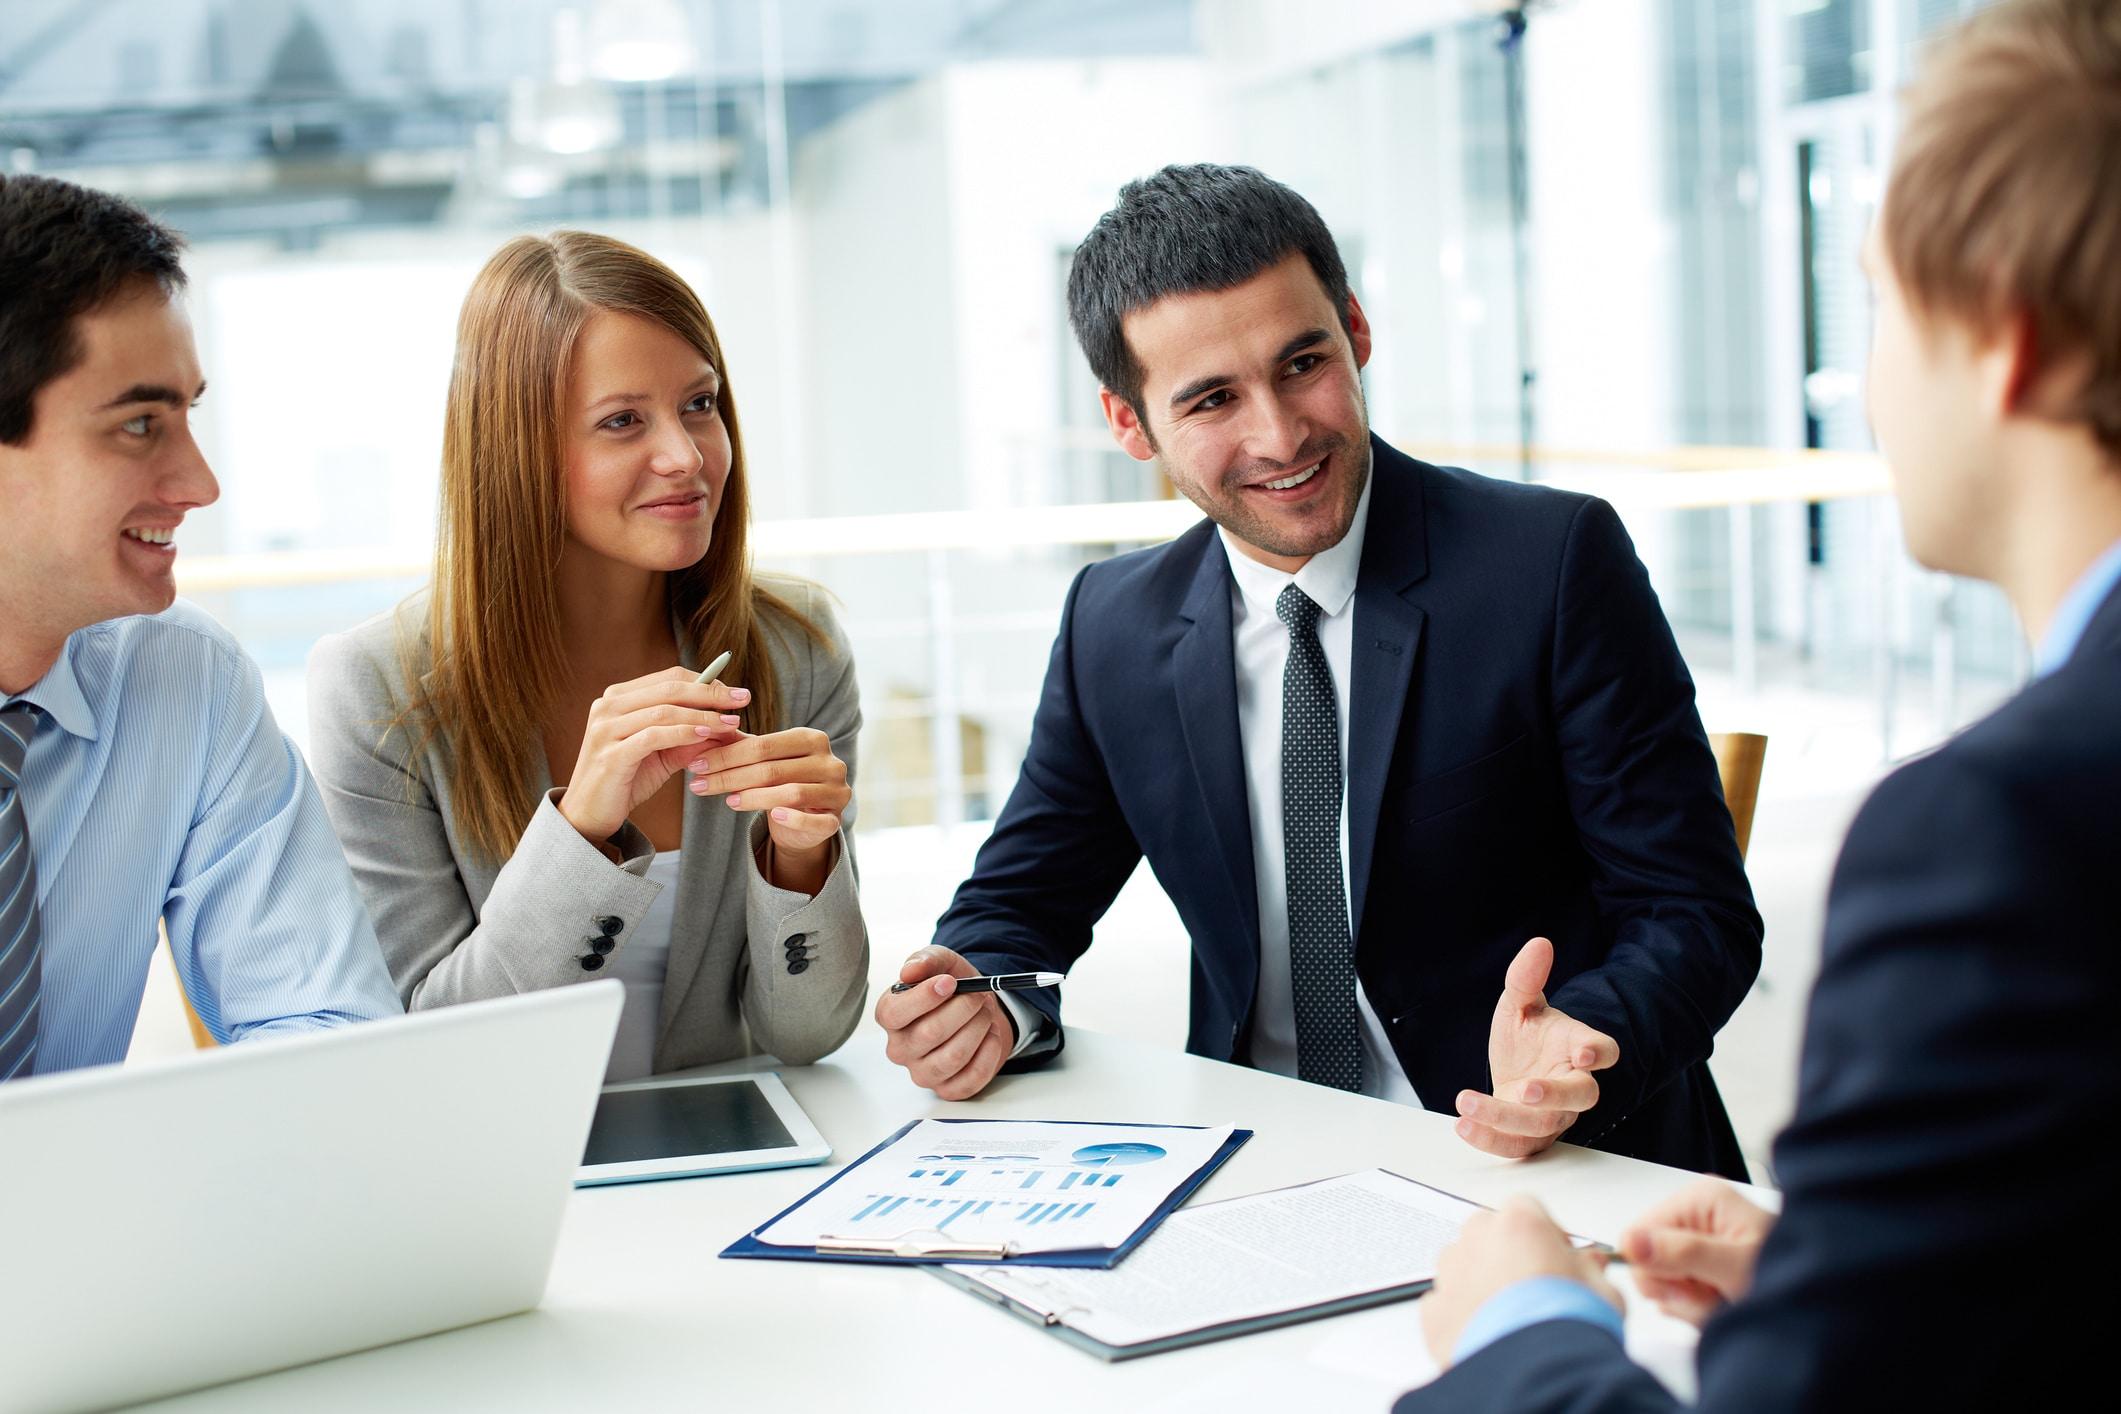 Fachliches kennenlernen bei vorstellungsgespräch [PUNIQRANDLINE-(au-dating-names.txt) 32